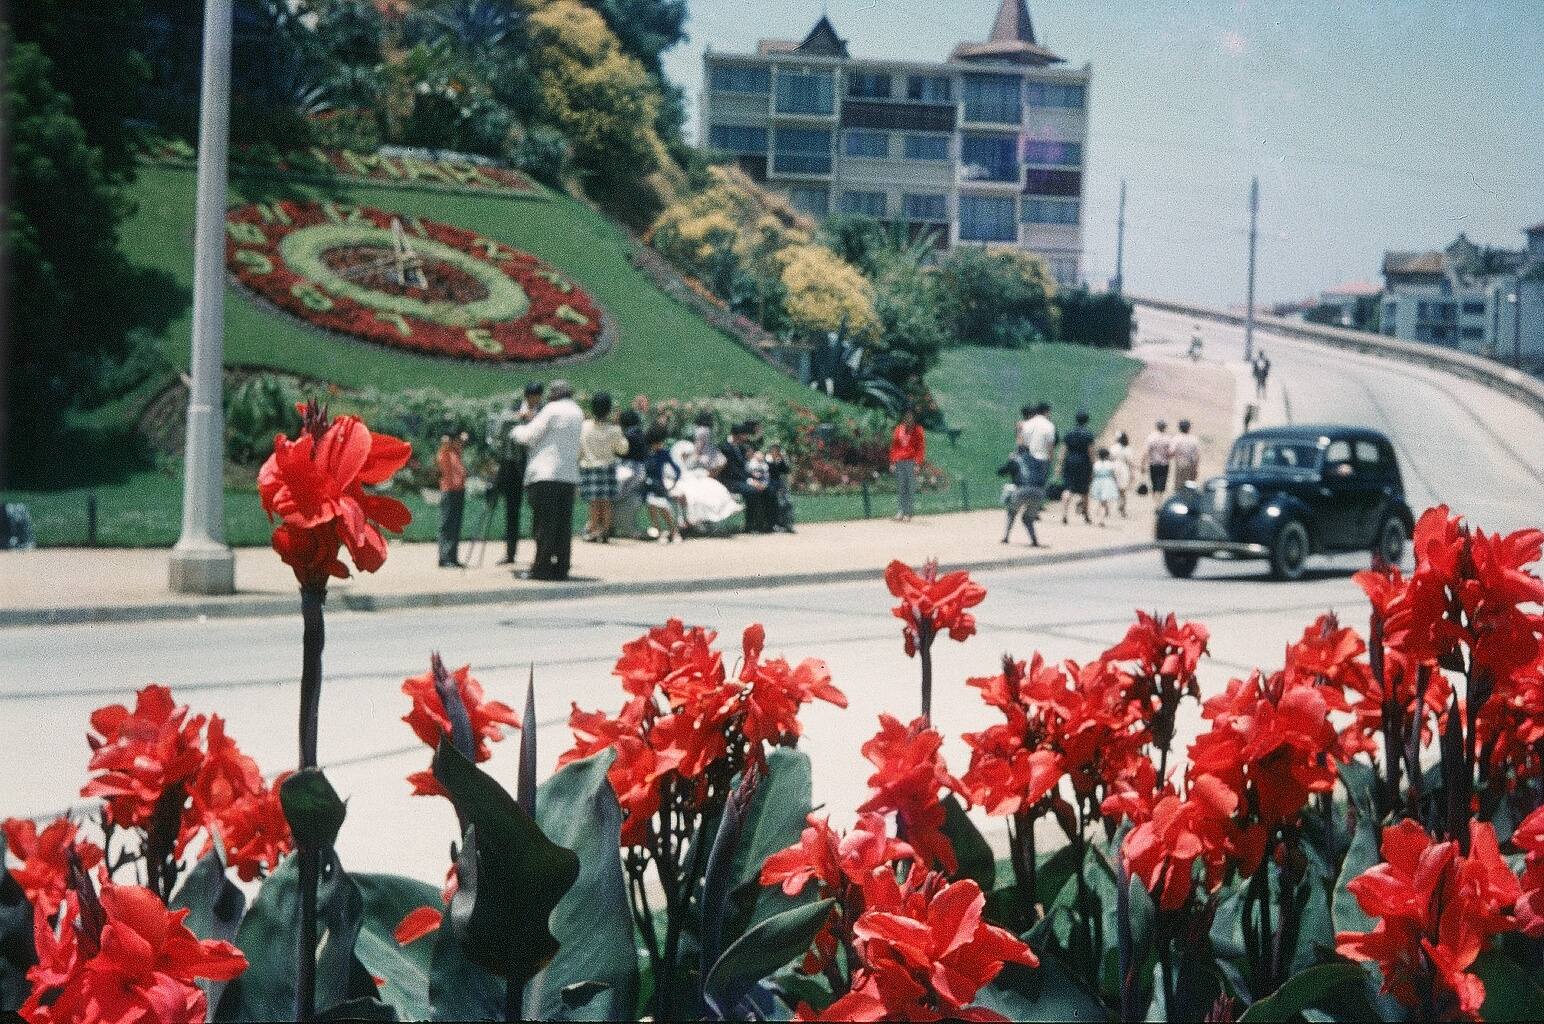 Enterreno - Fotos históricas de chile - fotos antiguas de Chile - Reloj de Flores de Viña del Mar en 1962